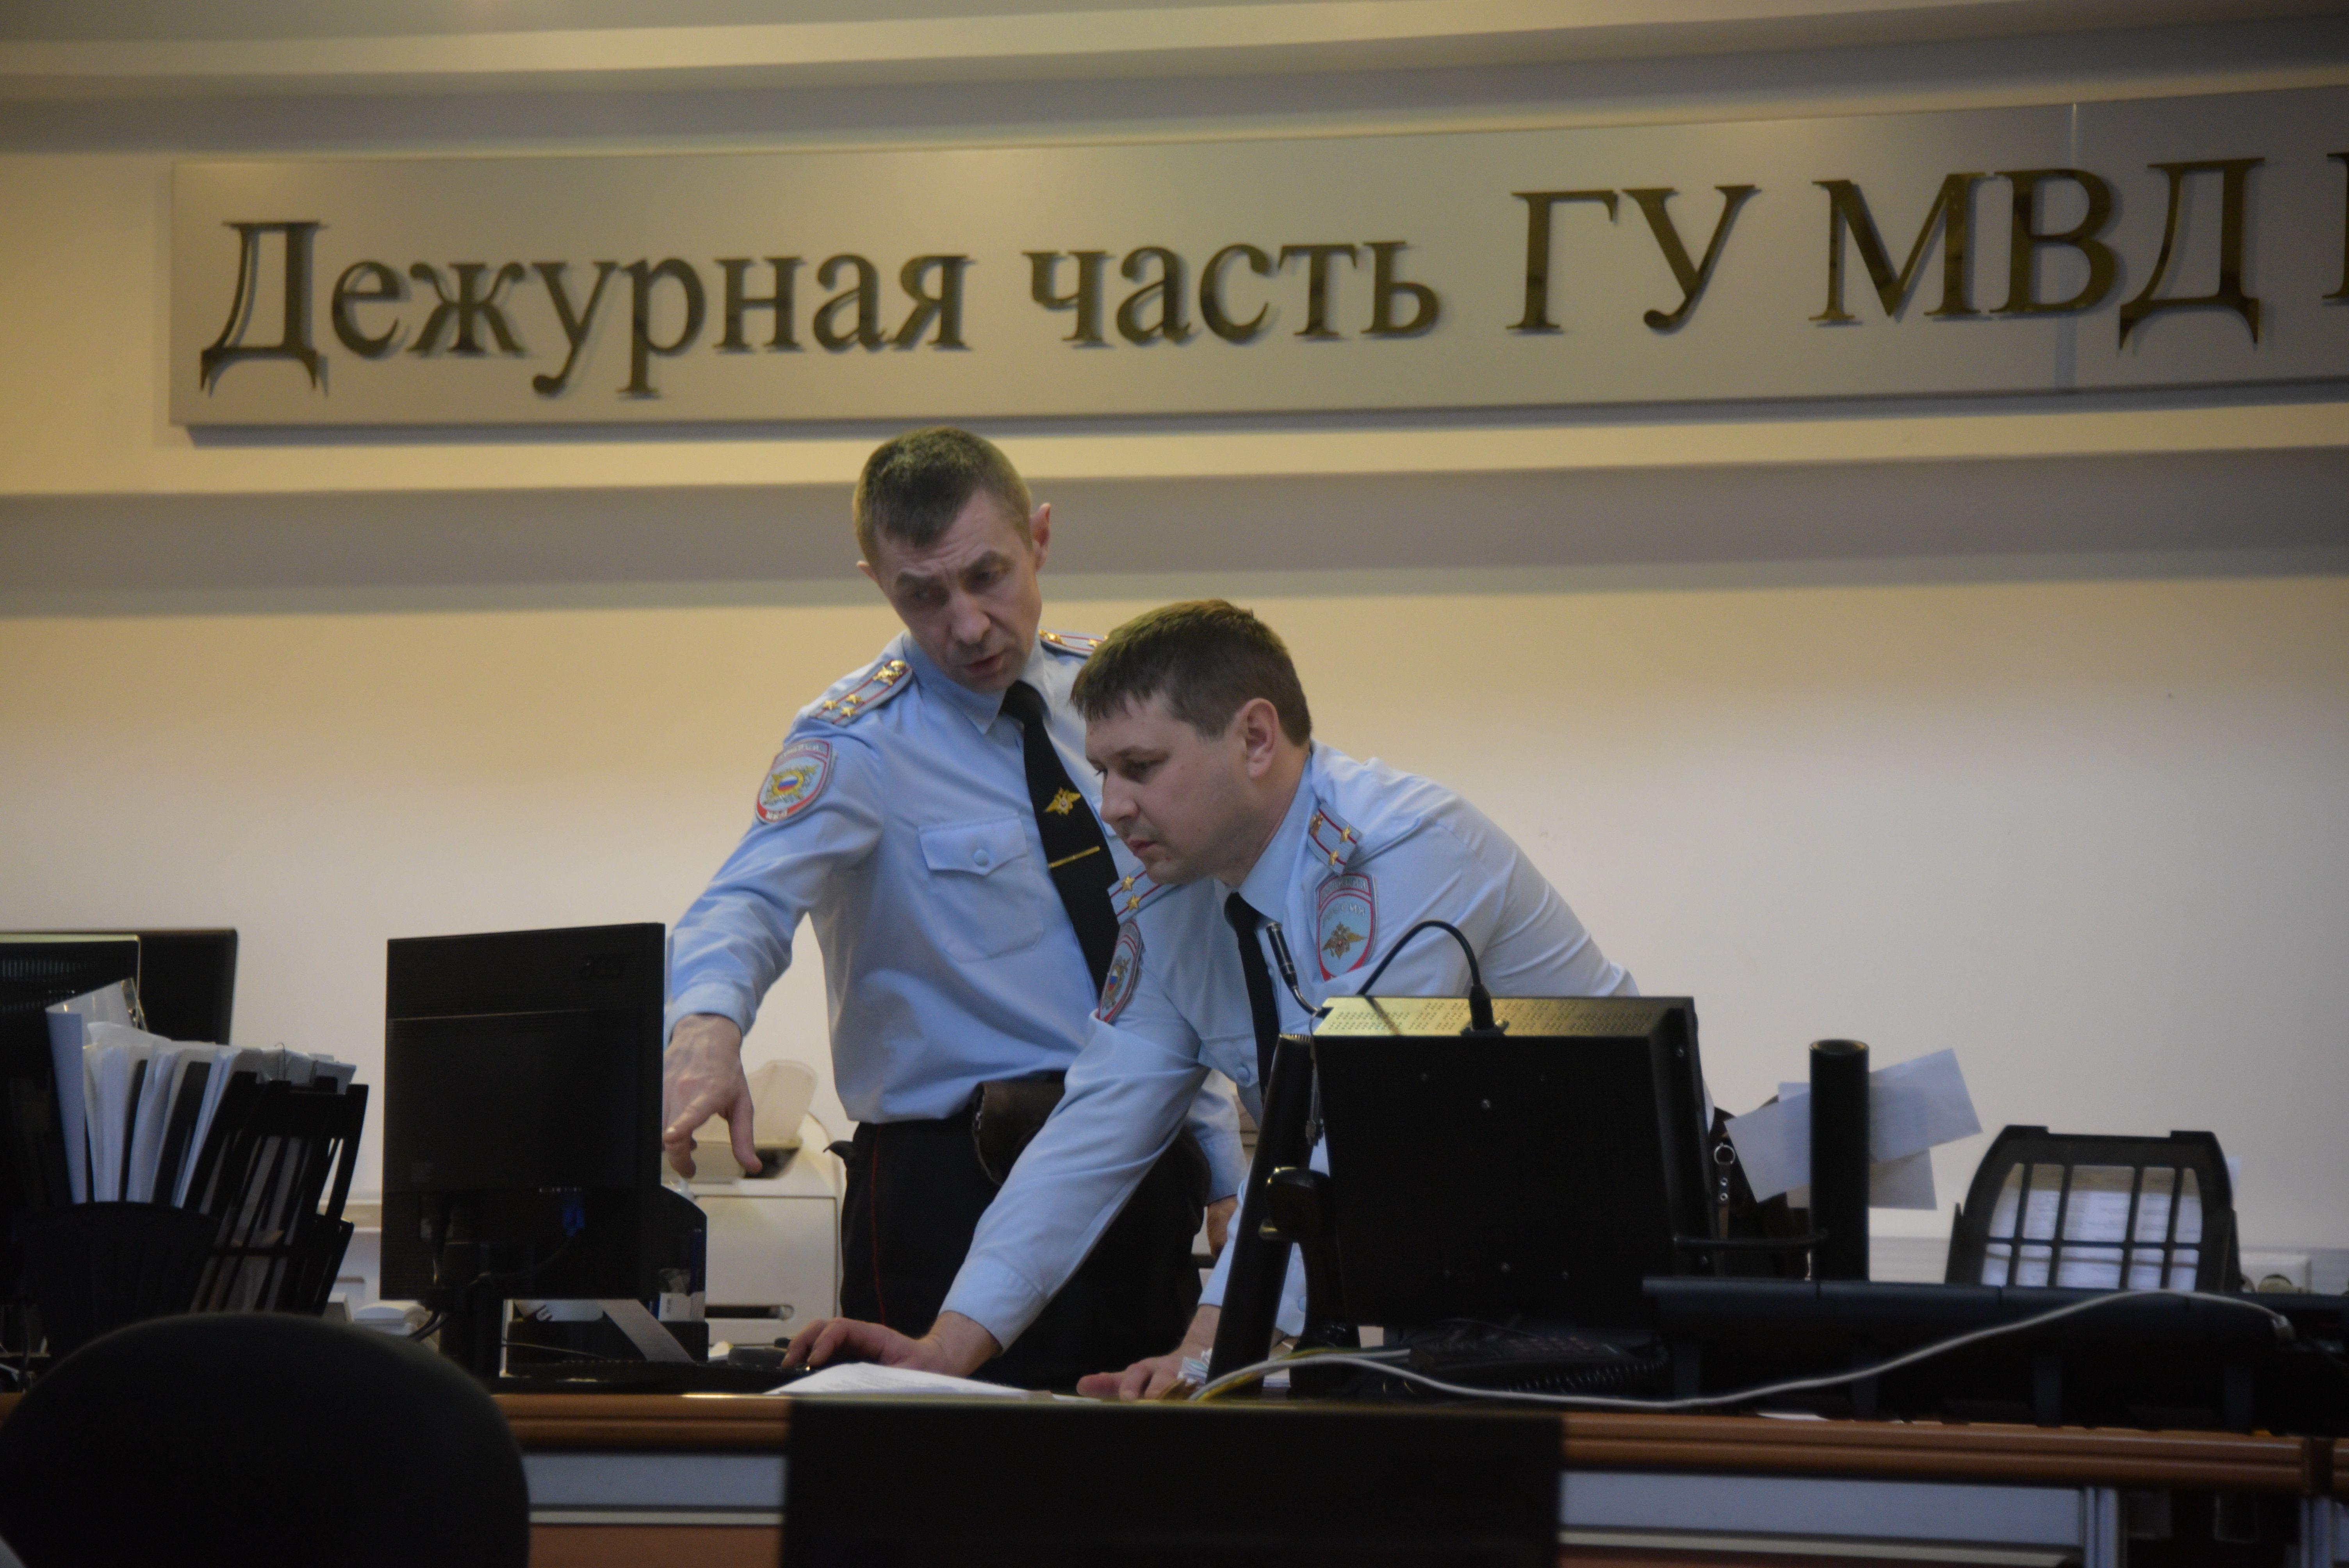 Полицейские Новой Москвы задержали подозреваемого в угрозе убийством